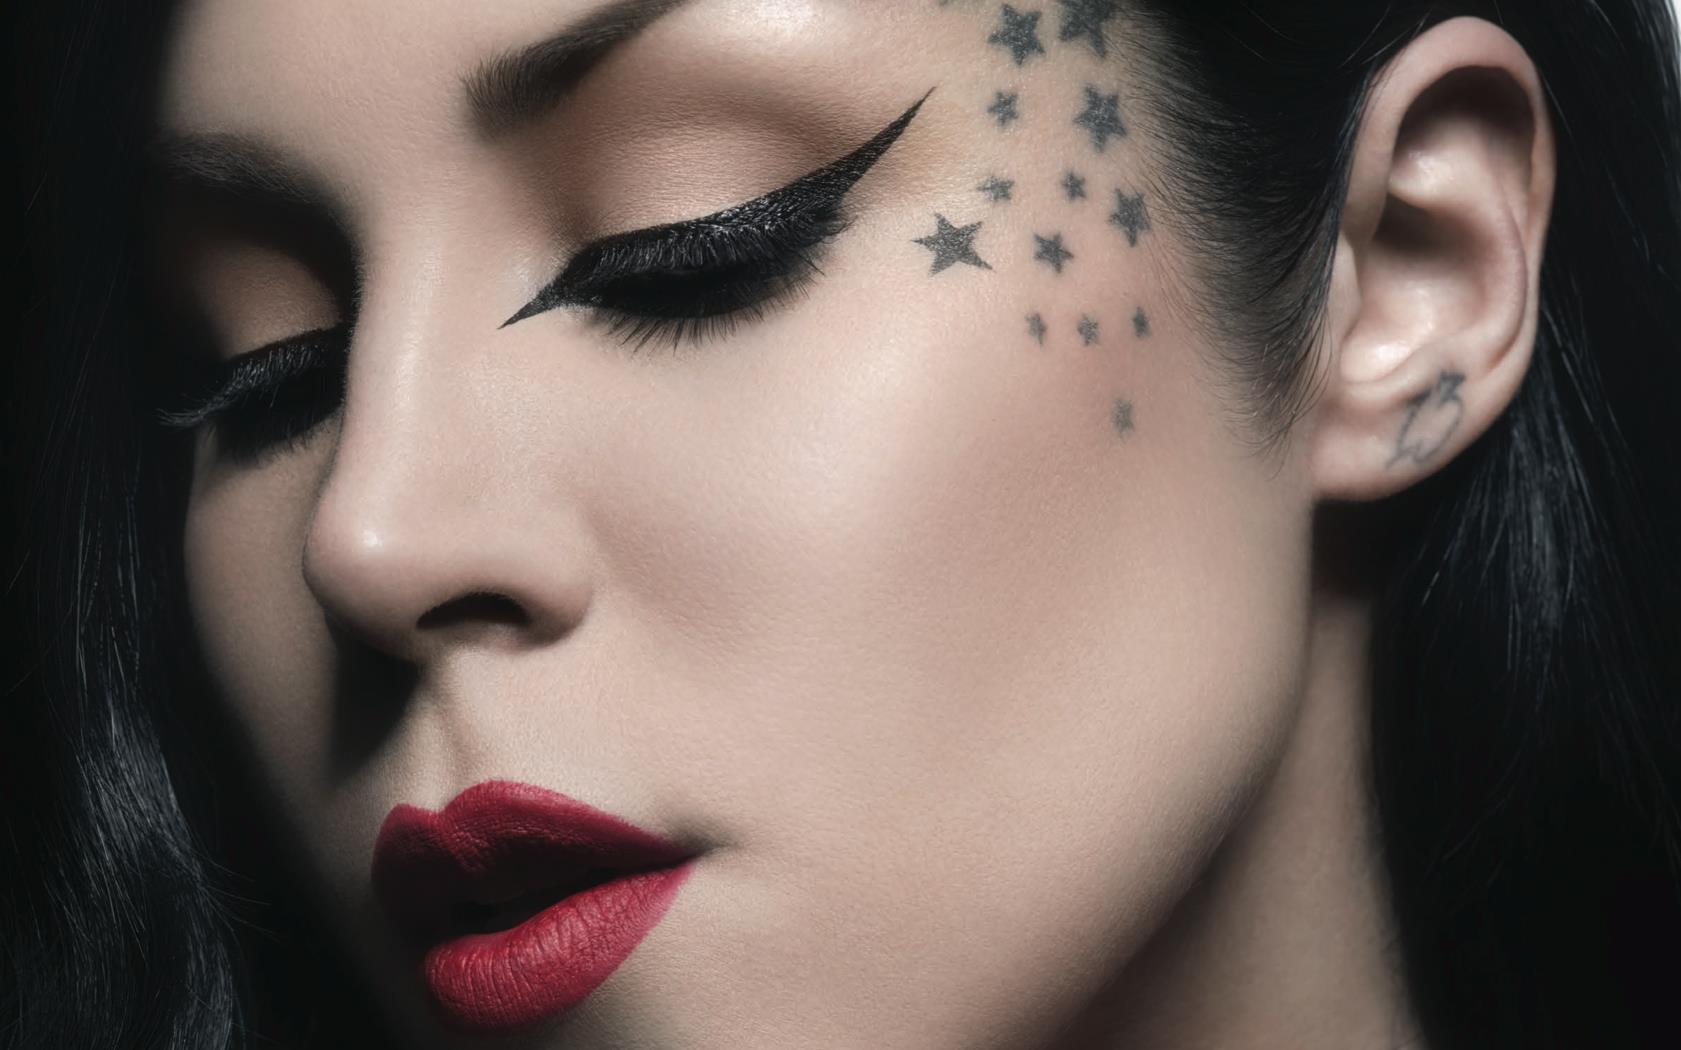 E Giusto Avere La Libert 224 Di Coprirsi Un Tatuaggio